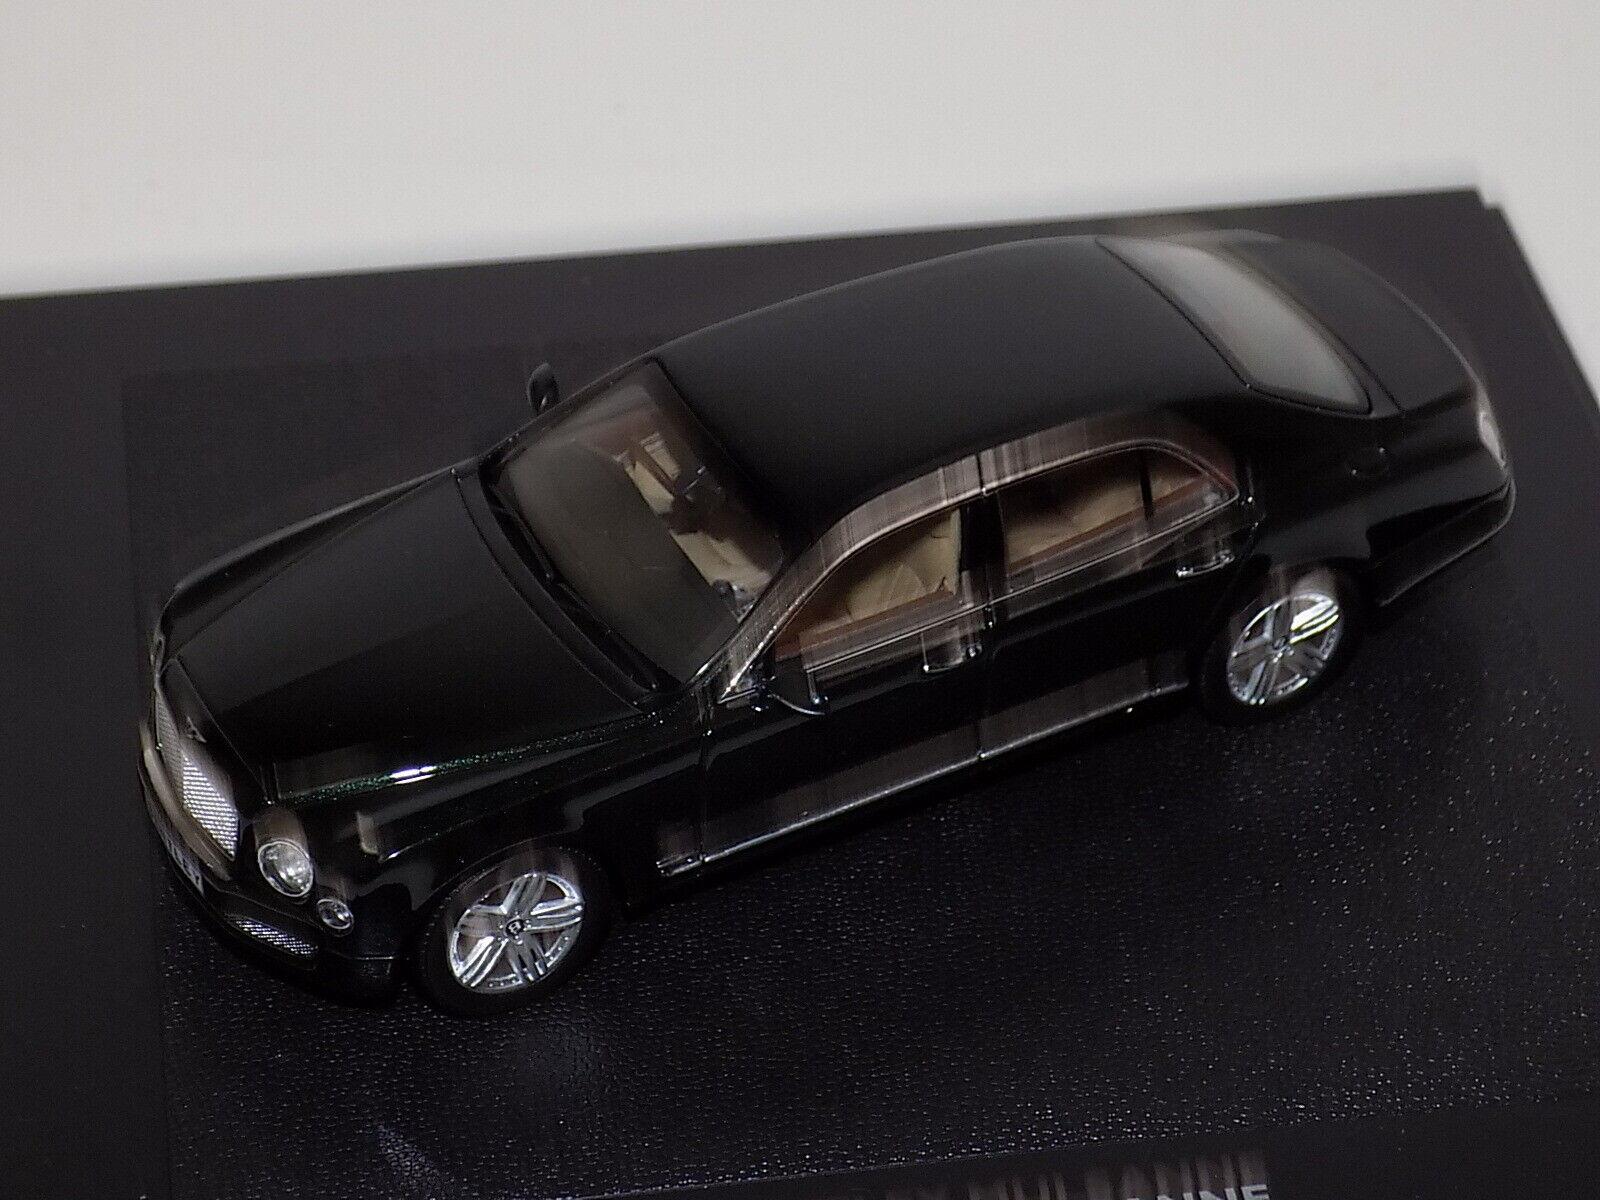 1 43 Minichamps Bentley Mulsanne en Met verde Distribuidor edición caja de regalo BL771